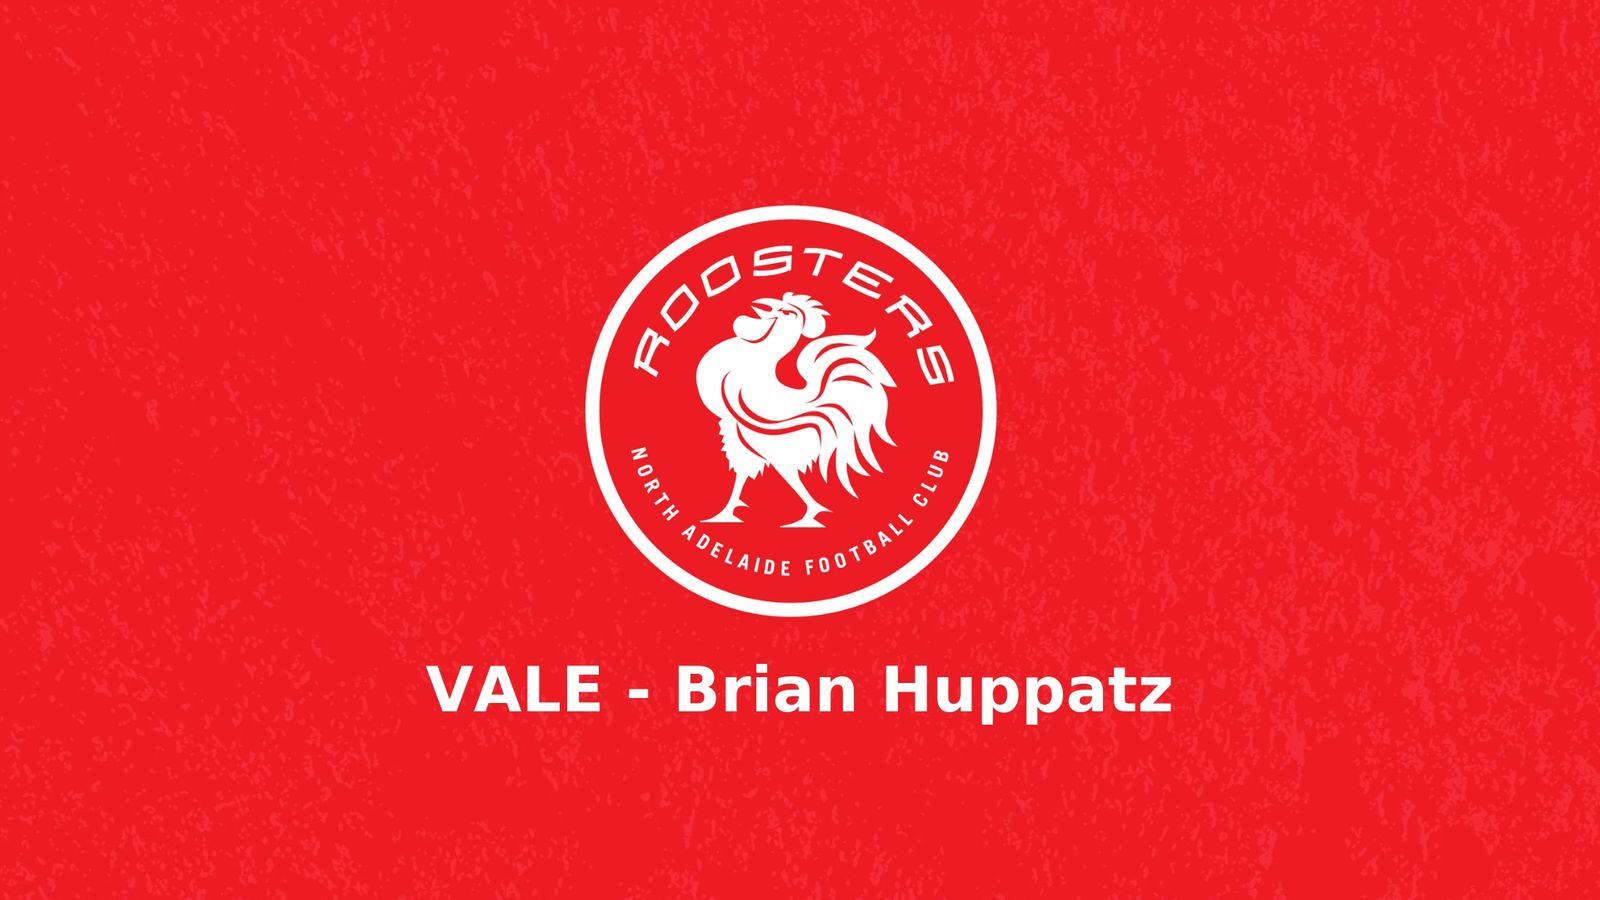 e0691950e7c26 VALE BRIAN HUPPATZ